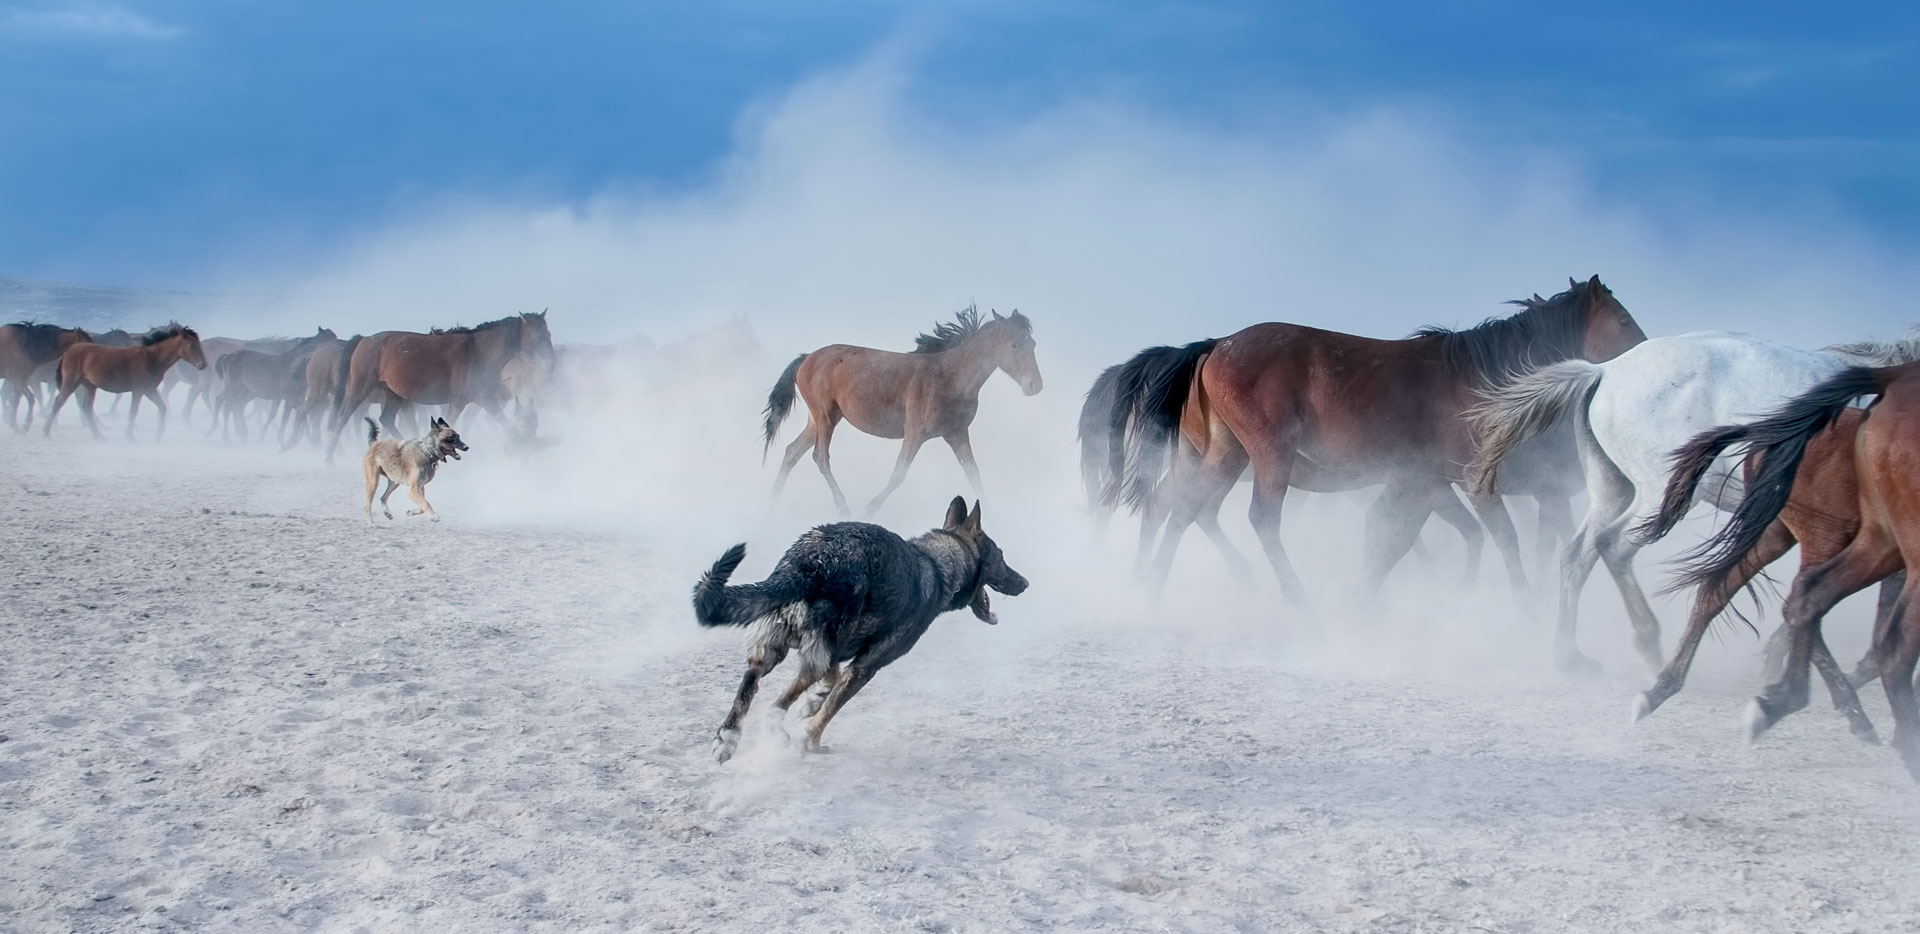 Yılkı Atları Fotoğrafları www.cekergezer.com Çekergezer Hakan Aydın Gezgin Fotoğrafçı